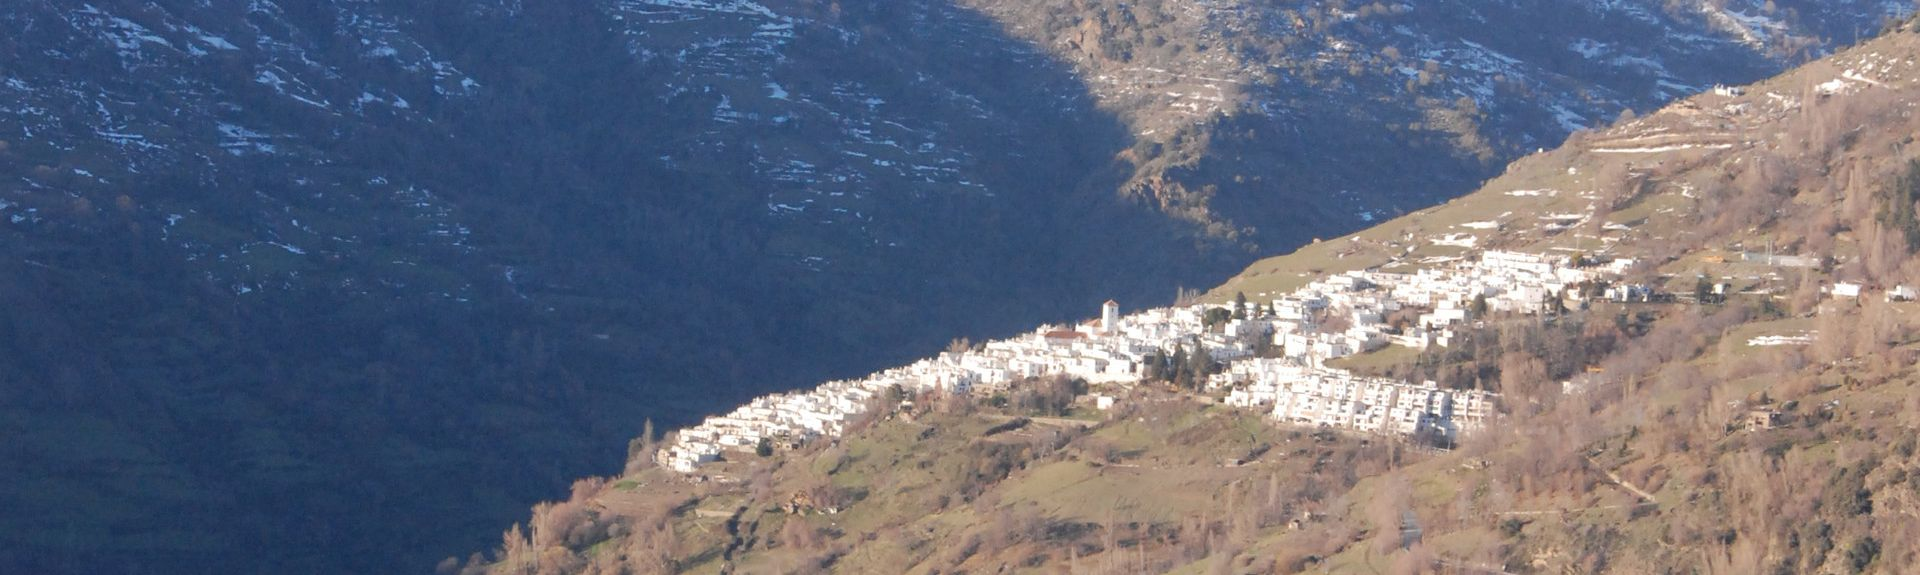 Lobras, Granada, Spain